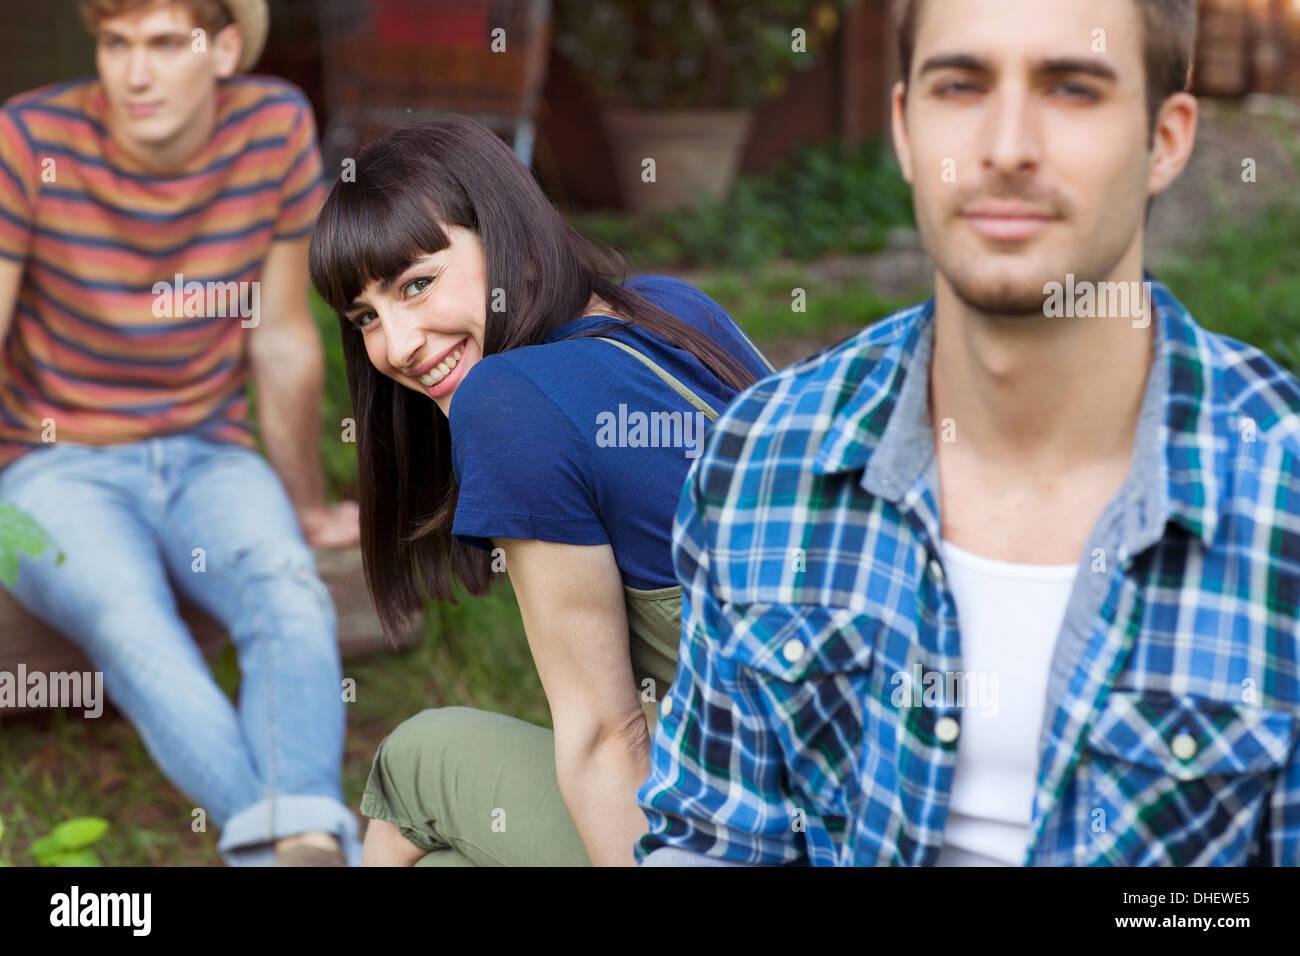 Brünette Frau auf der Suche über die Schulter in Richtung Kamera Stockbild